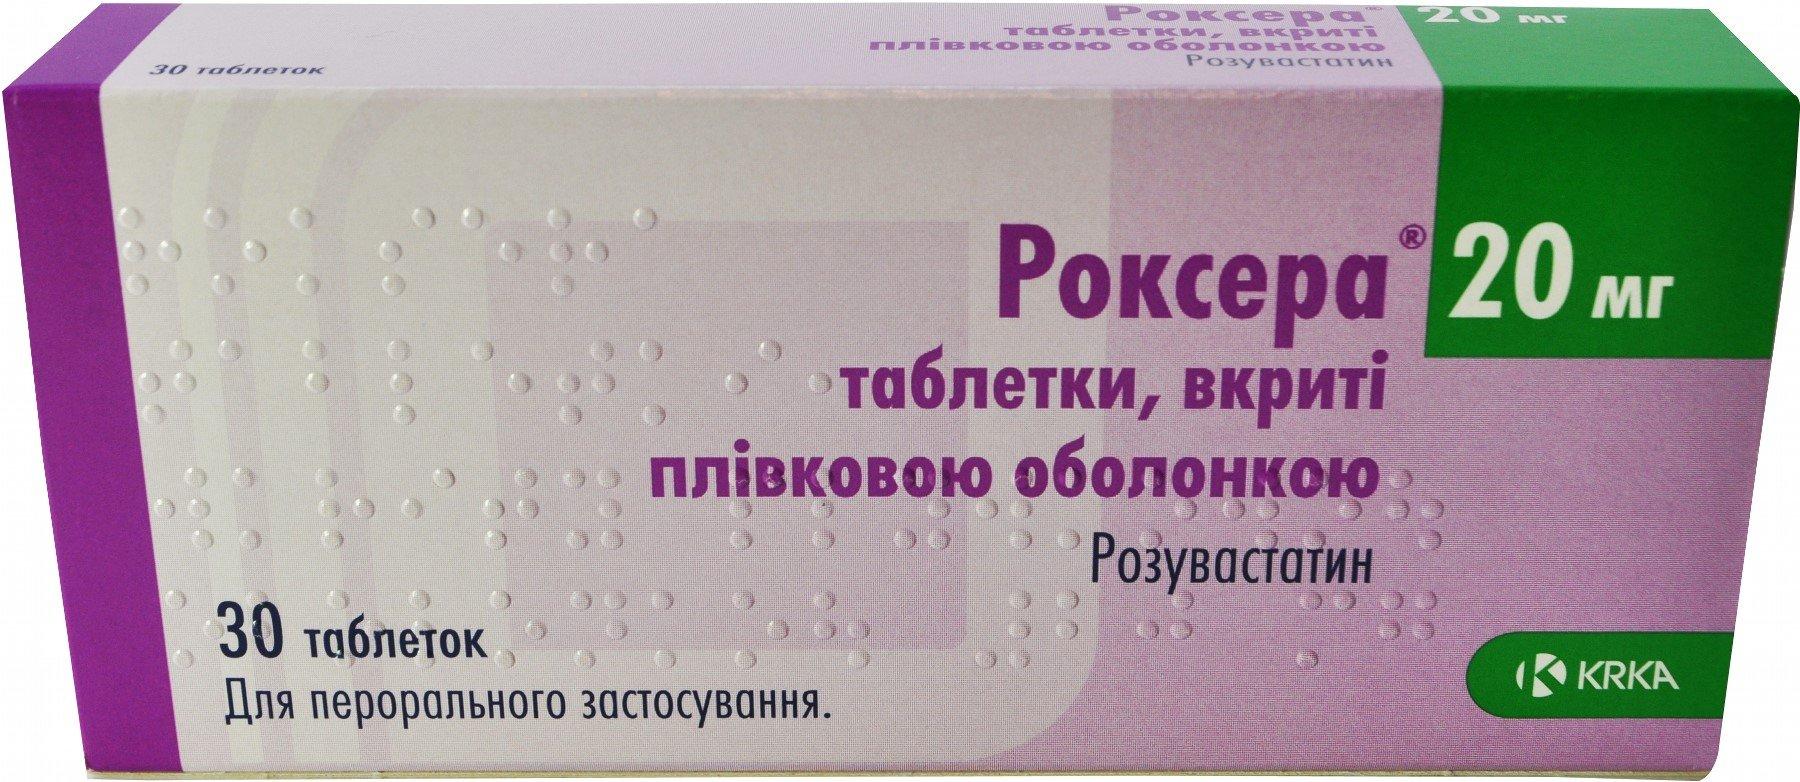 Roxera (rosuvastatin) coated tablets 20 mg. №30